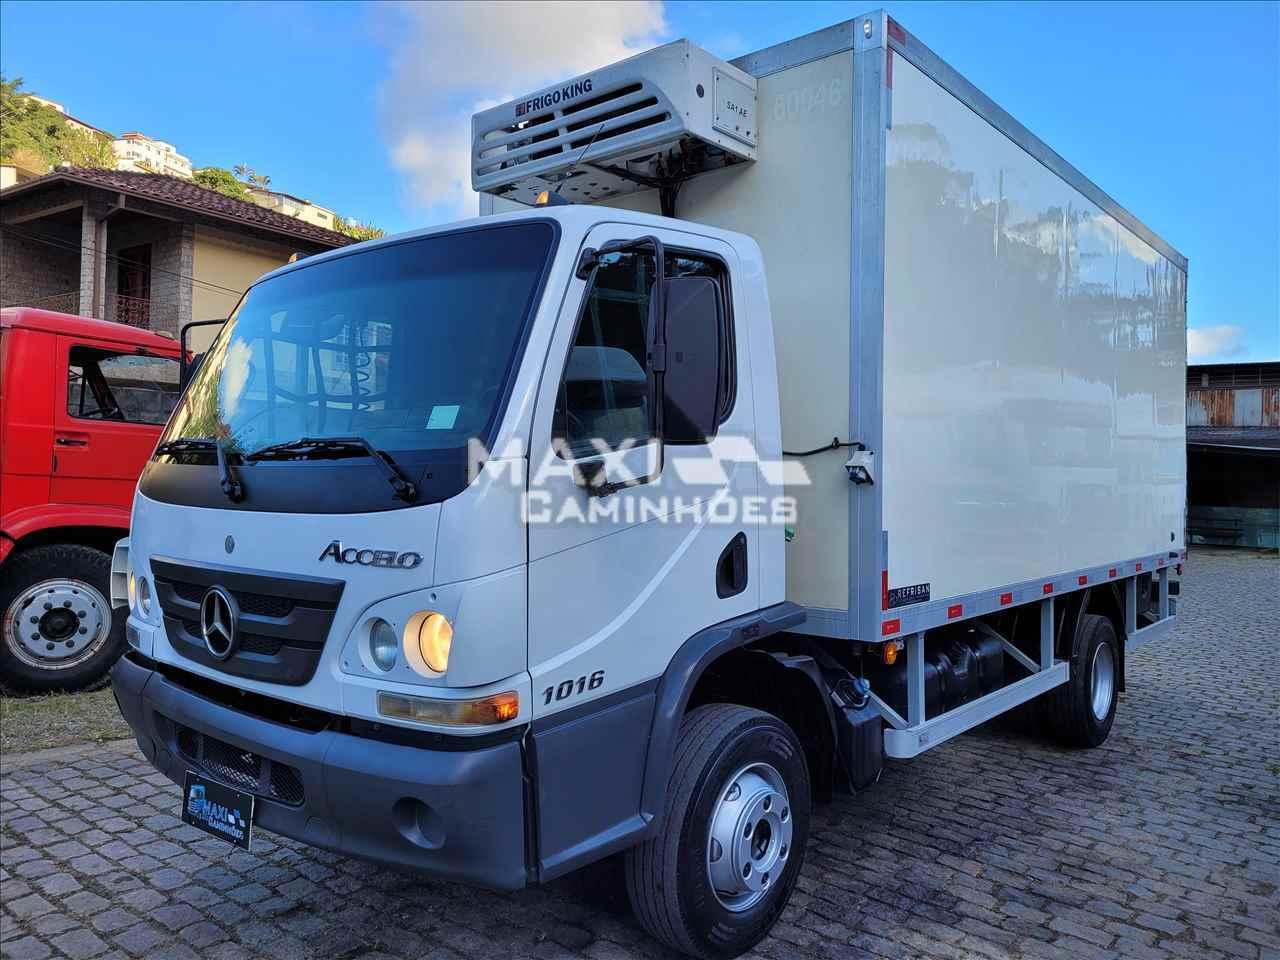 MB 1016 de Maxi Caminhões - TERESOPOLIS/RJ